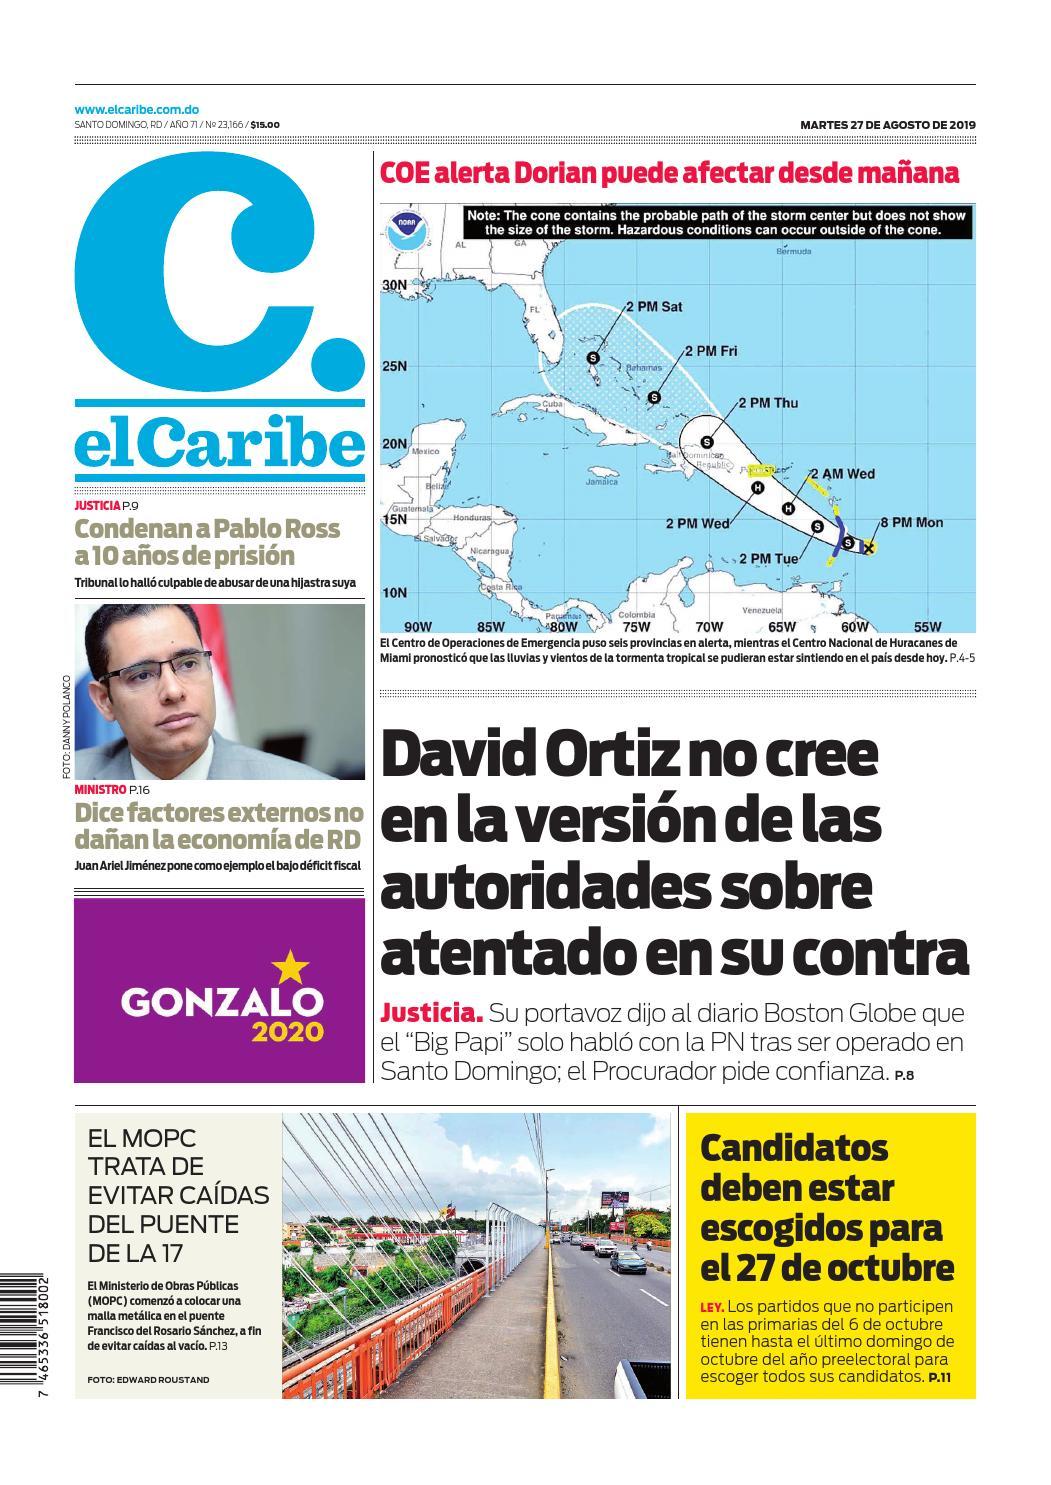 Portada Periódico El Caribe, Martes 27 de Agosto, 2019